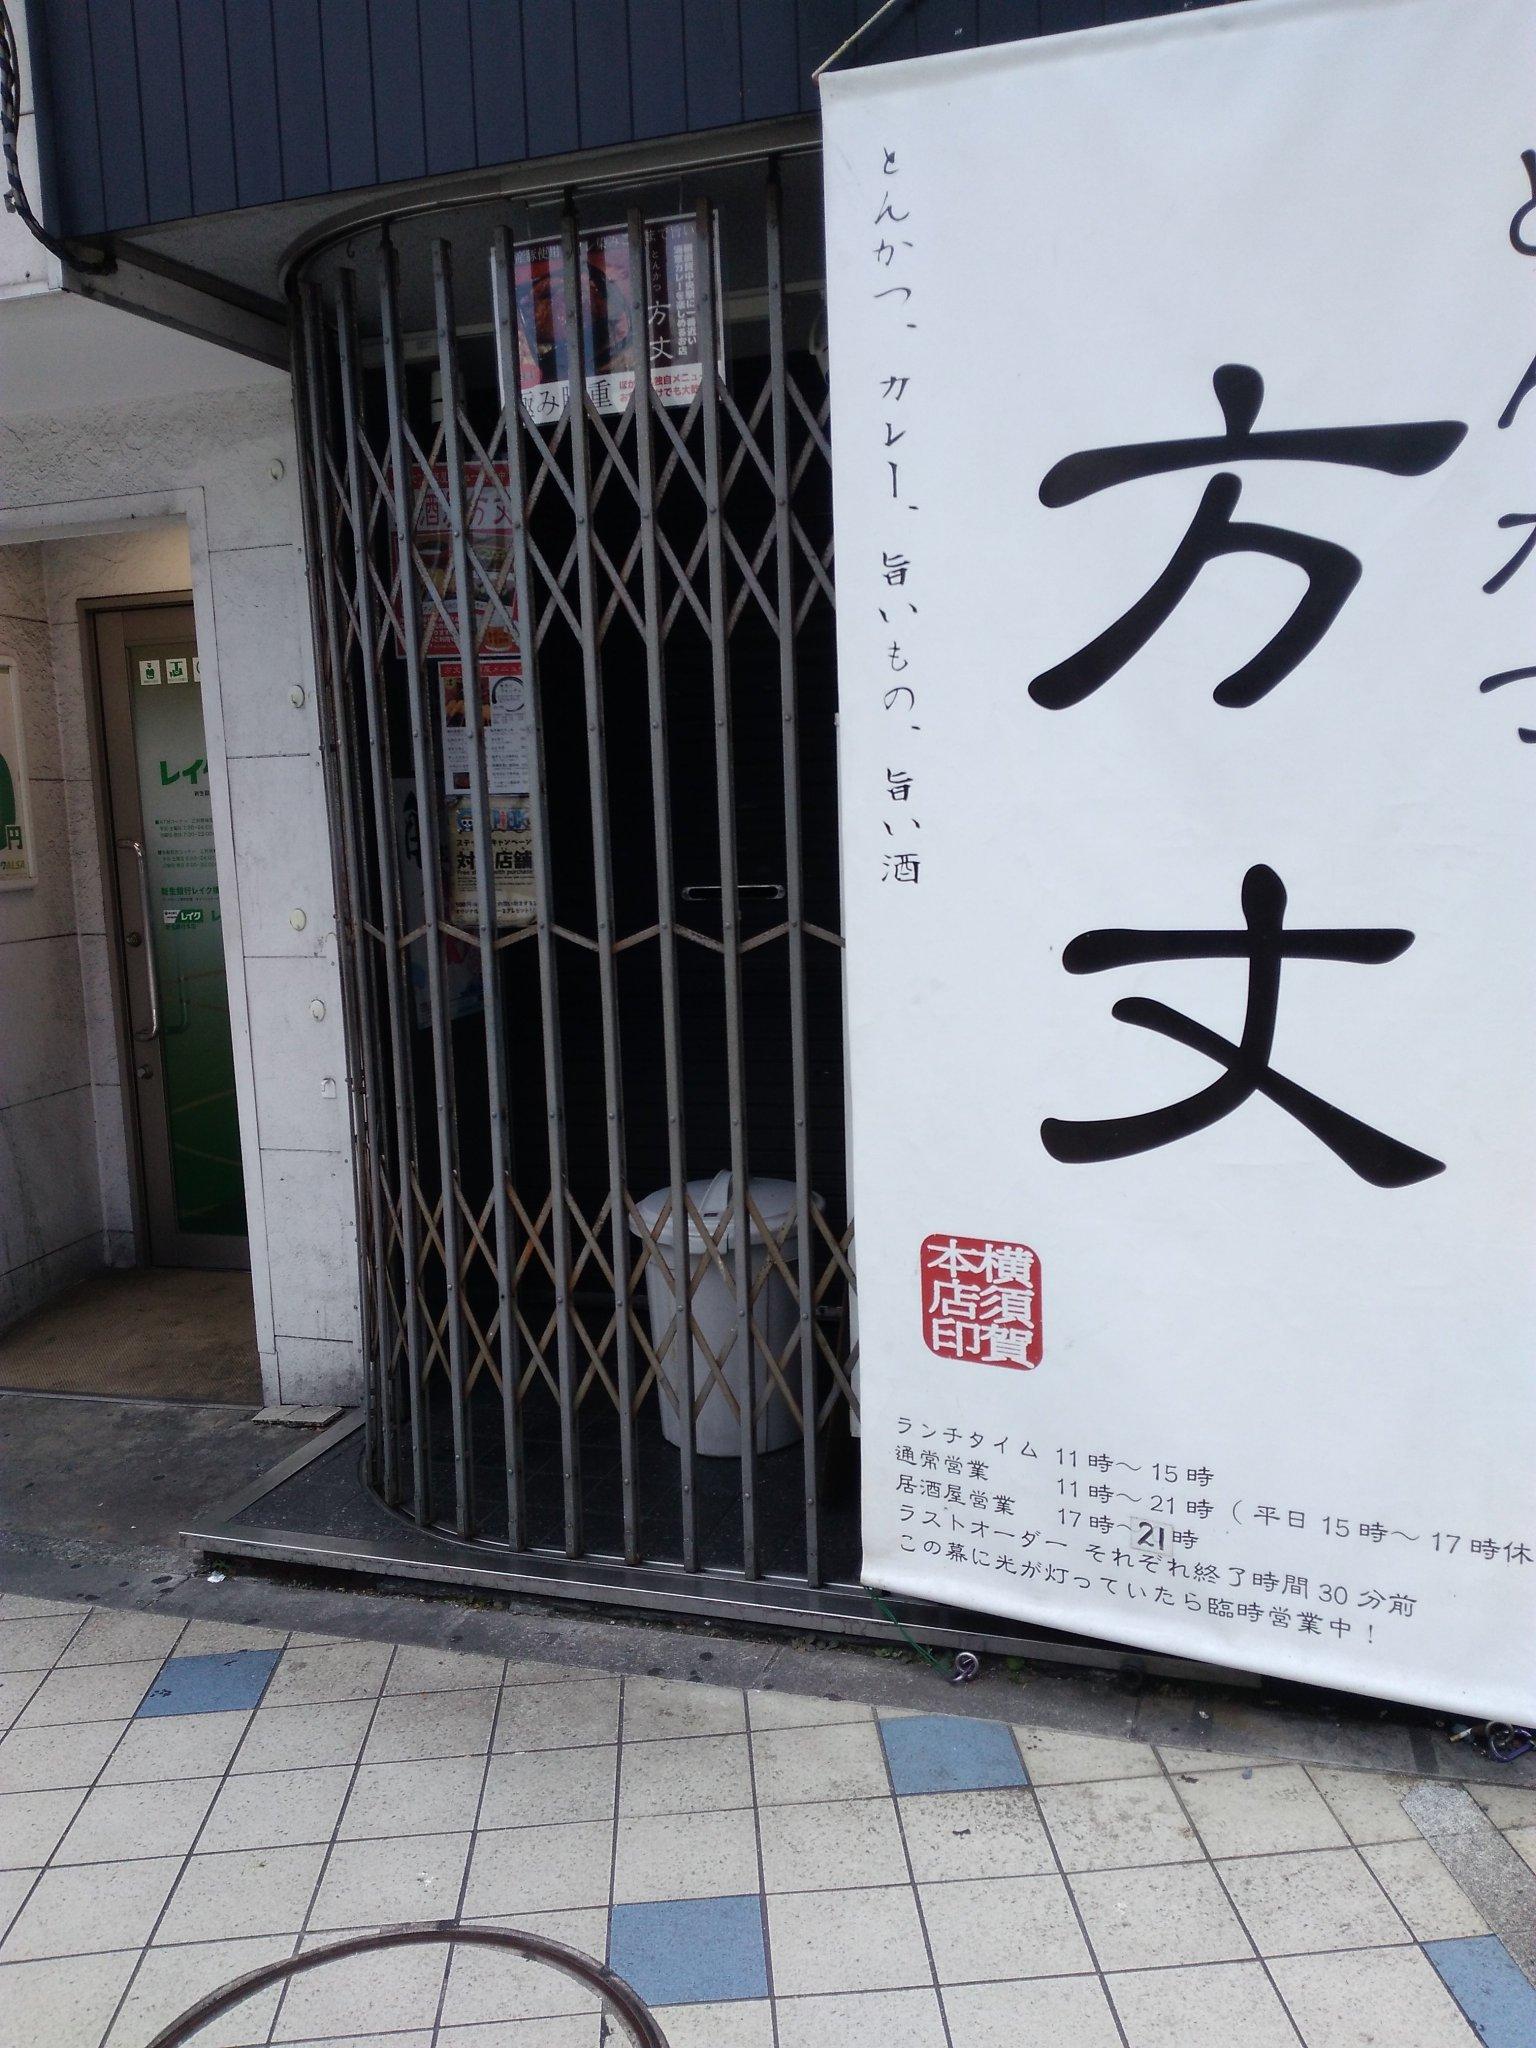 中央 飛び降り 横須賀